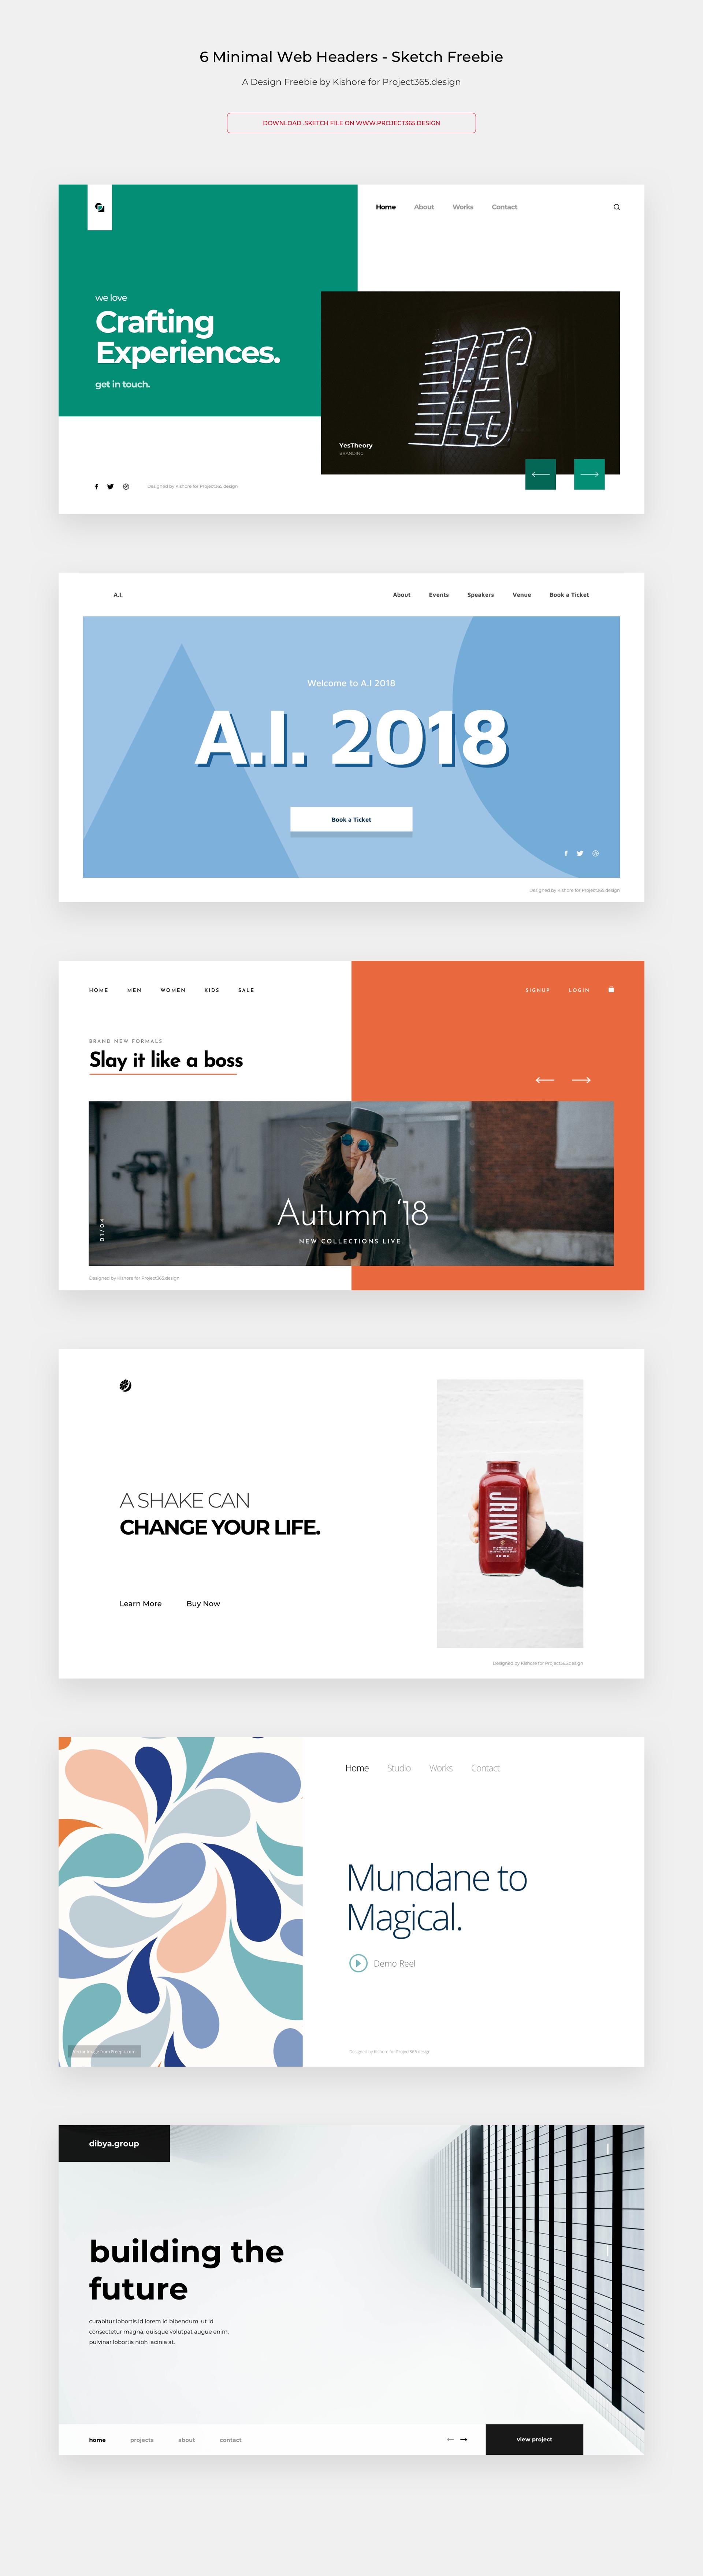 简洁的6个网站TOP banner设计 .sketch素材下载 网页模板-第1张